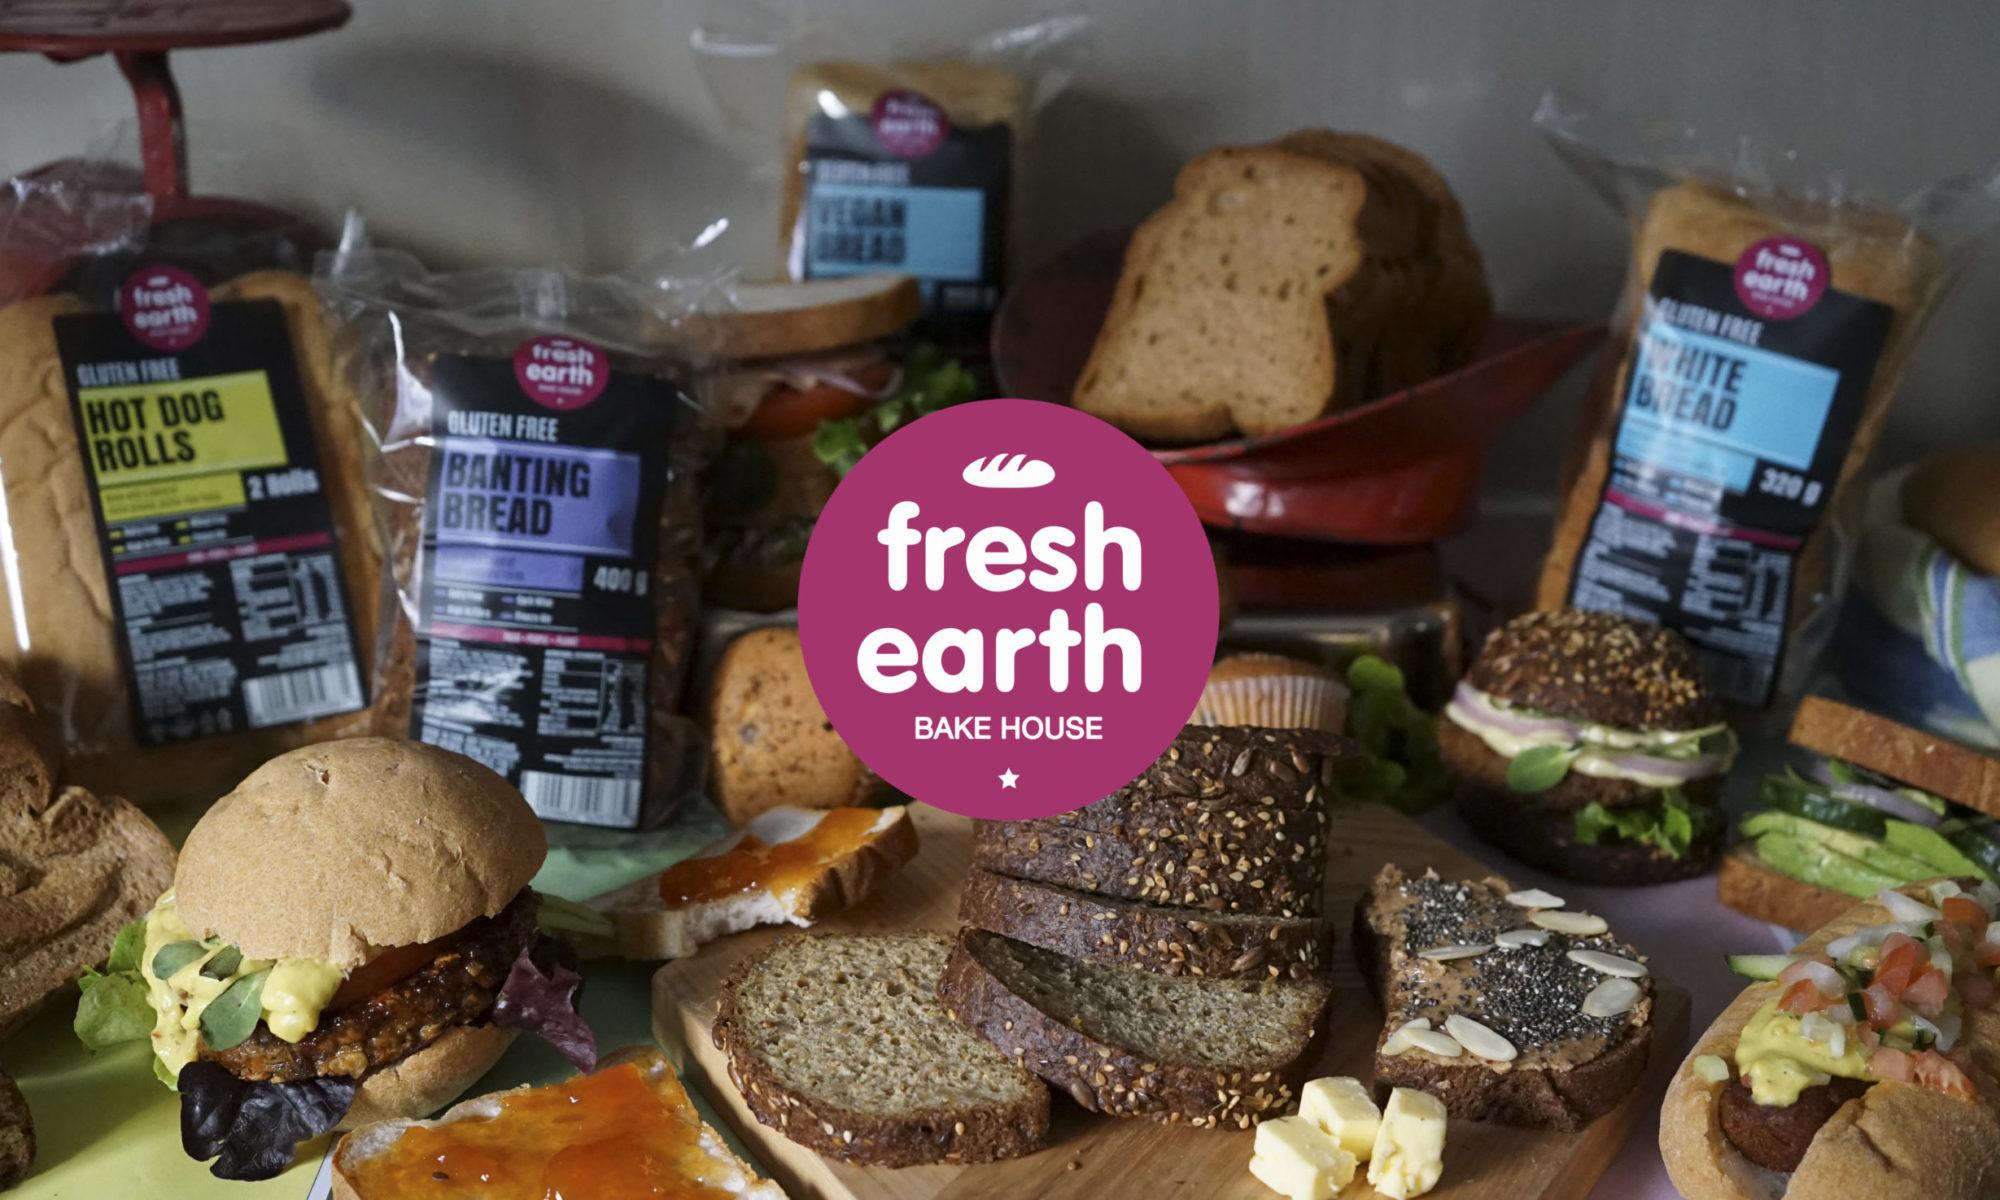 Fresh Earth Bake House